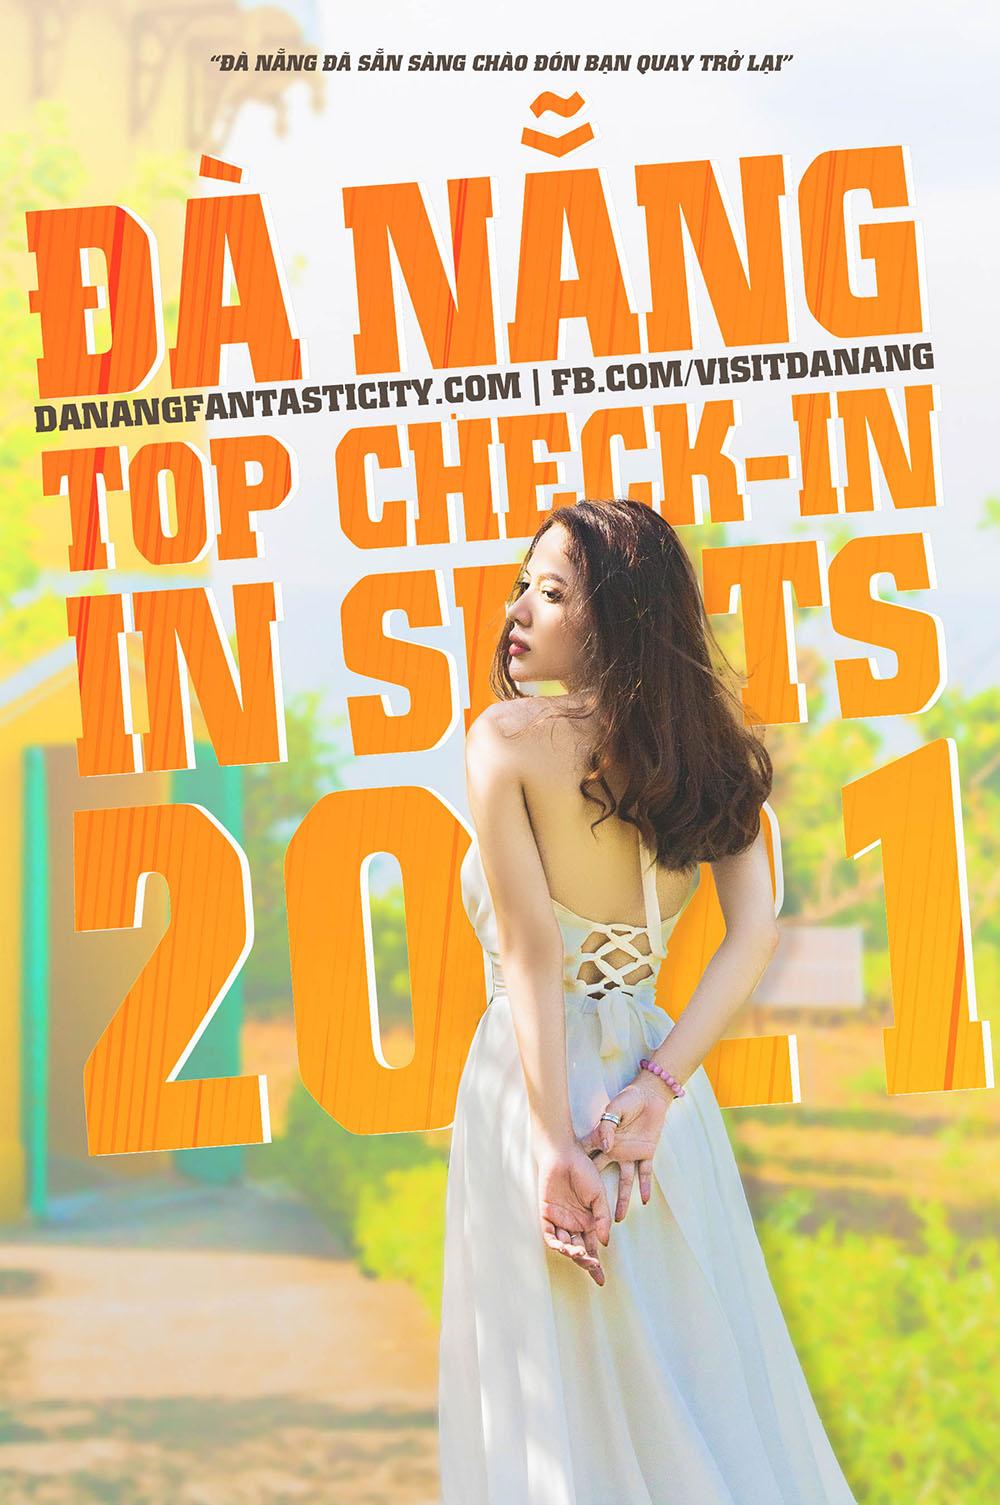 Du Lich Da Nang 2021 Nhung Dia Diem Kham Pha Moi 011